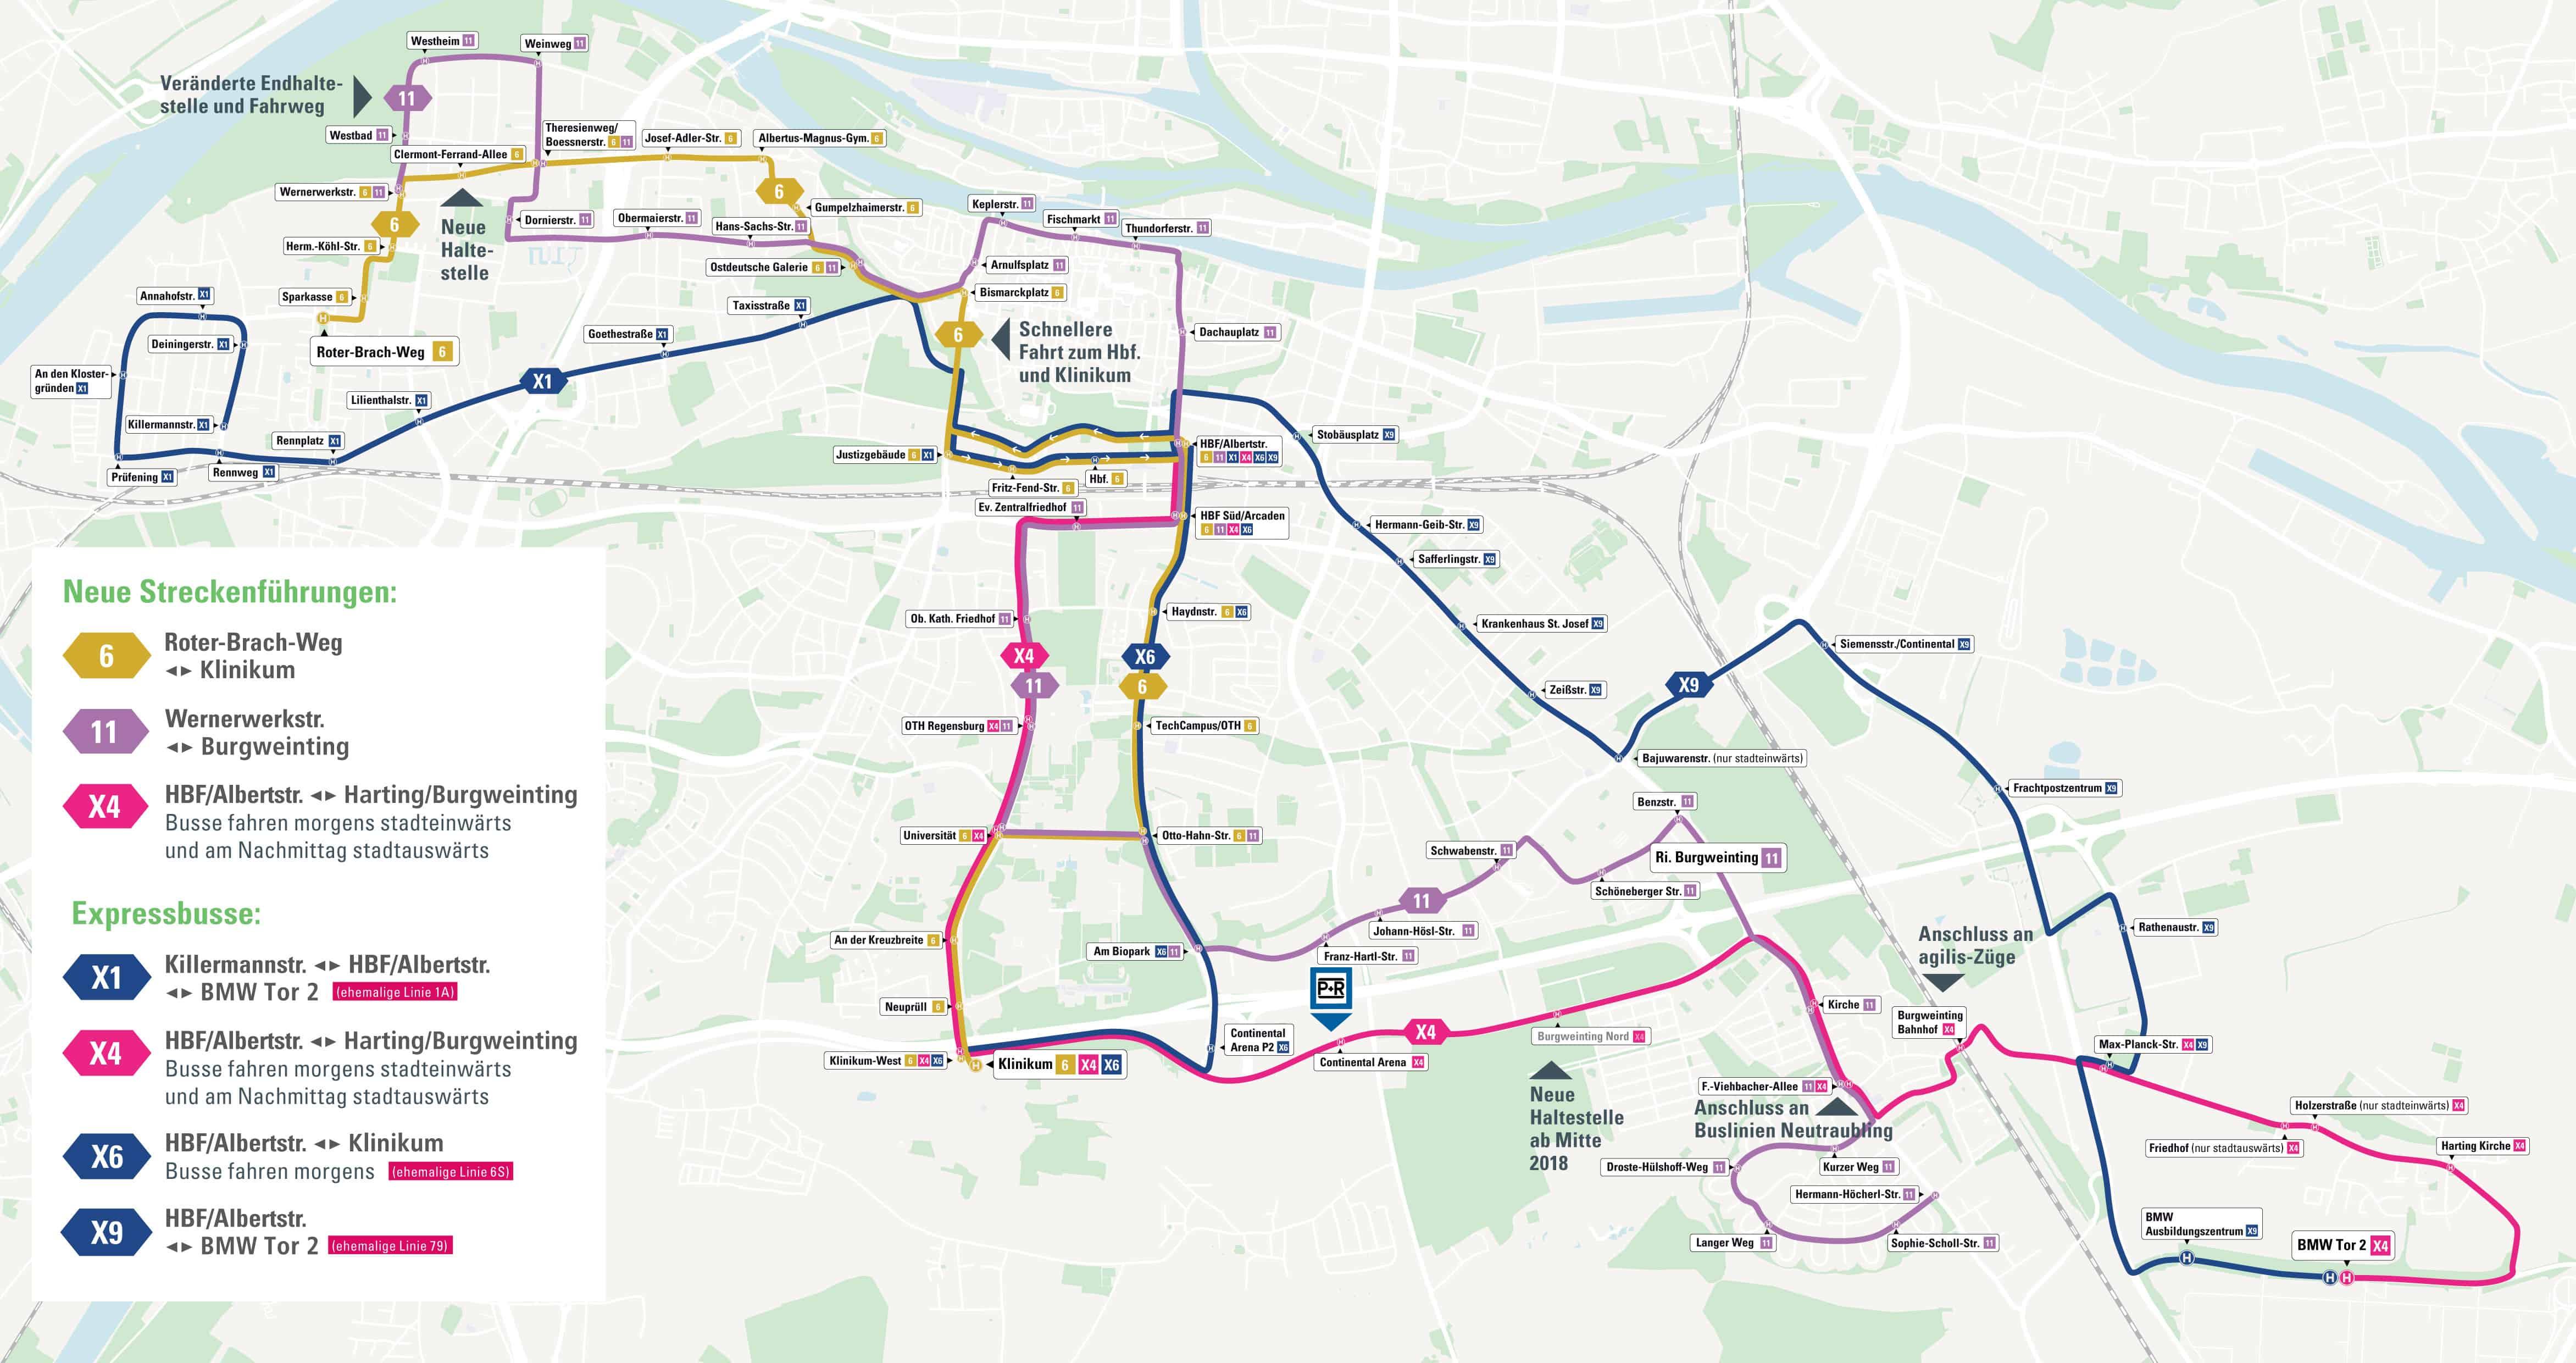 RVV-Linien: Das müssen Sie zu den wichtigsten Fahrplan-Änderungen wissen